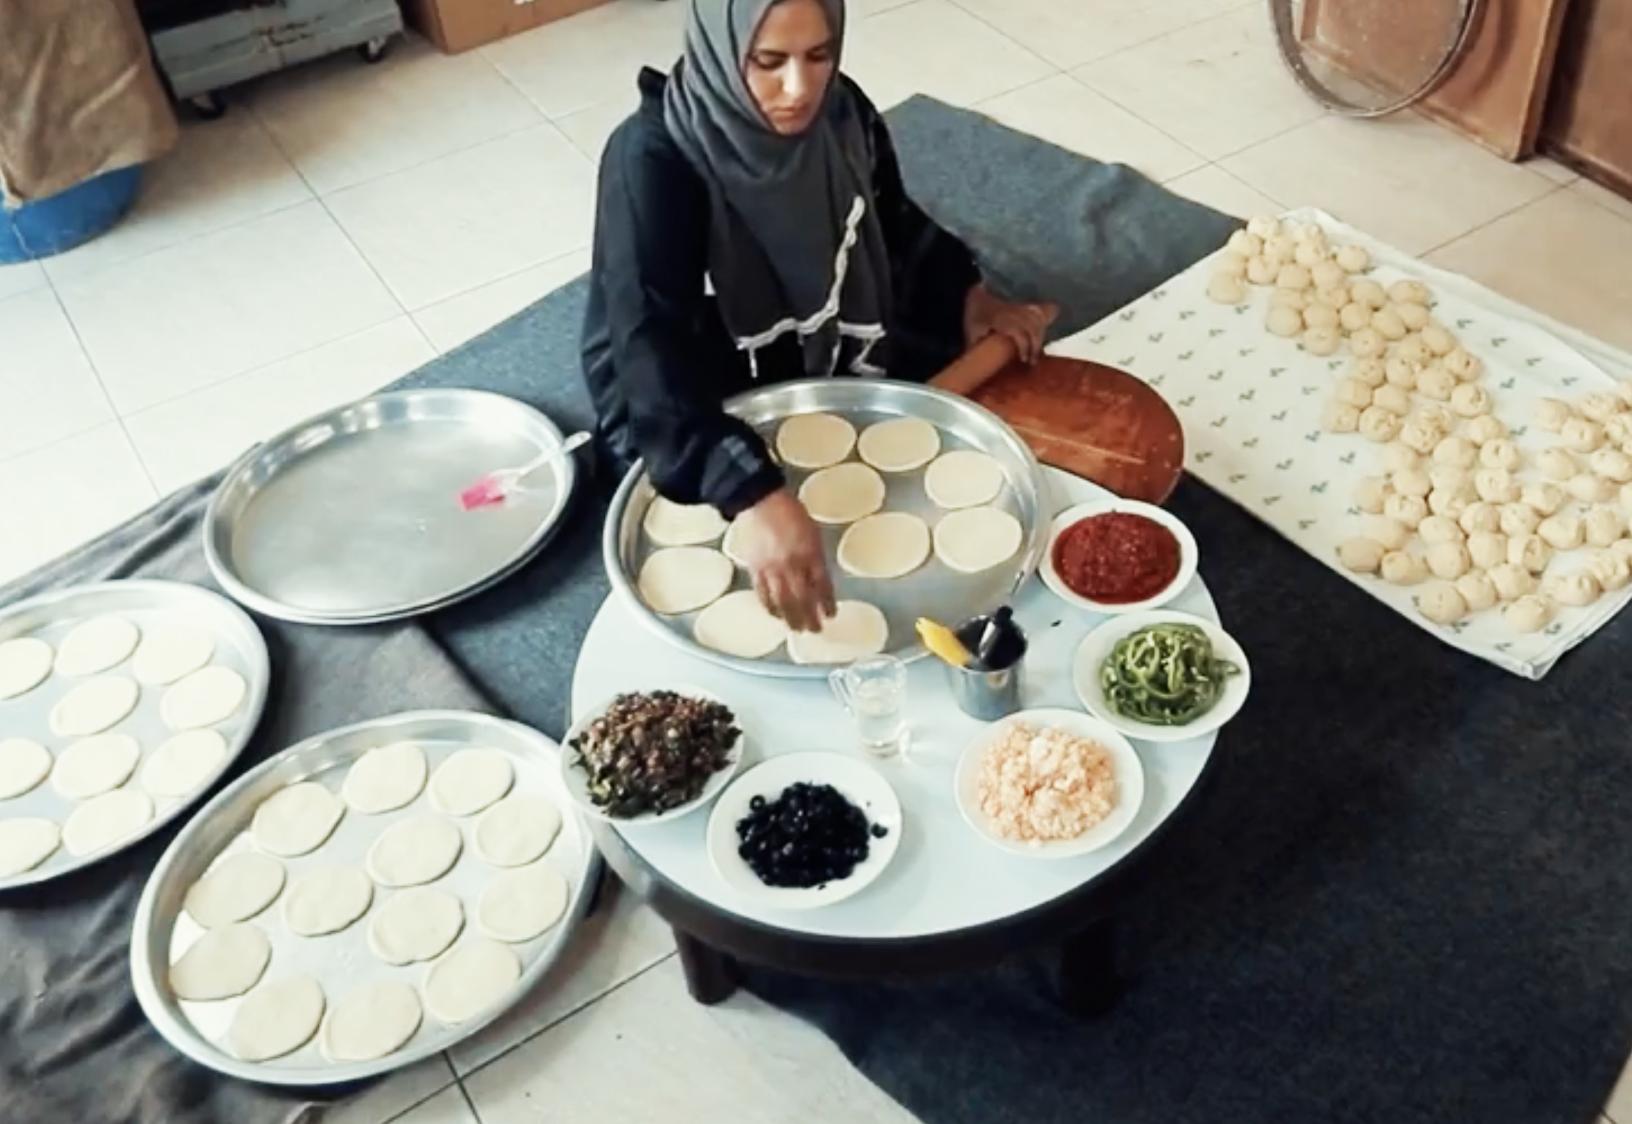 Cultura e identidad palestina, una forma de resistencia